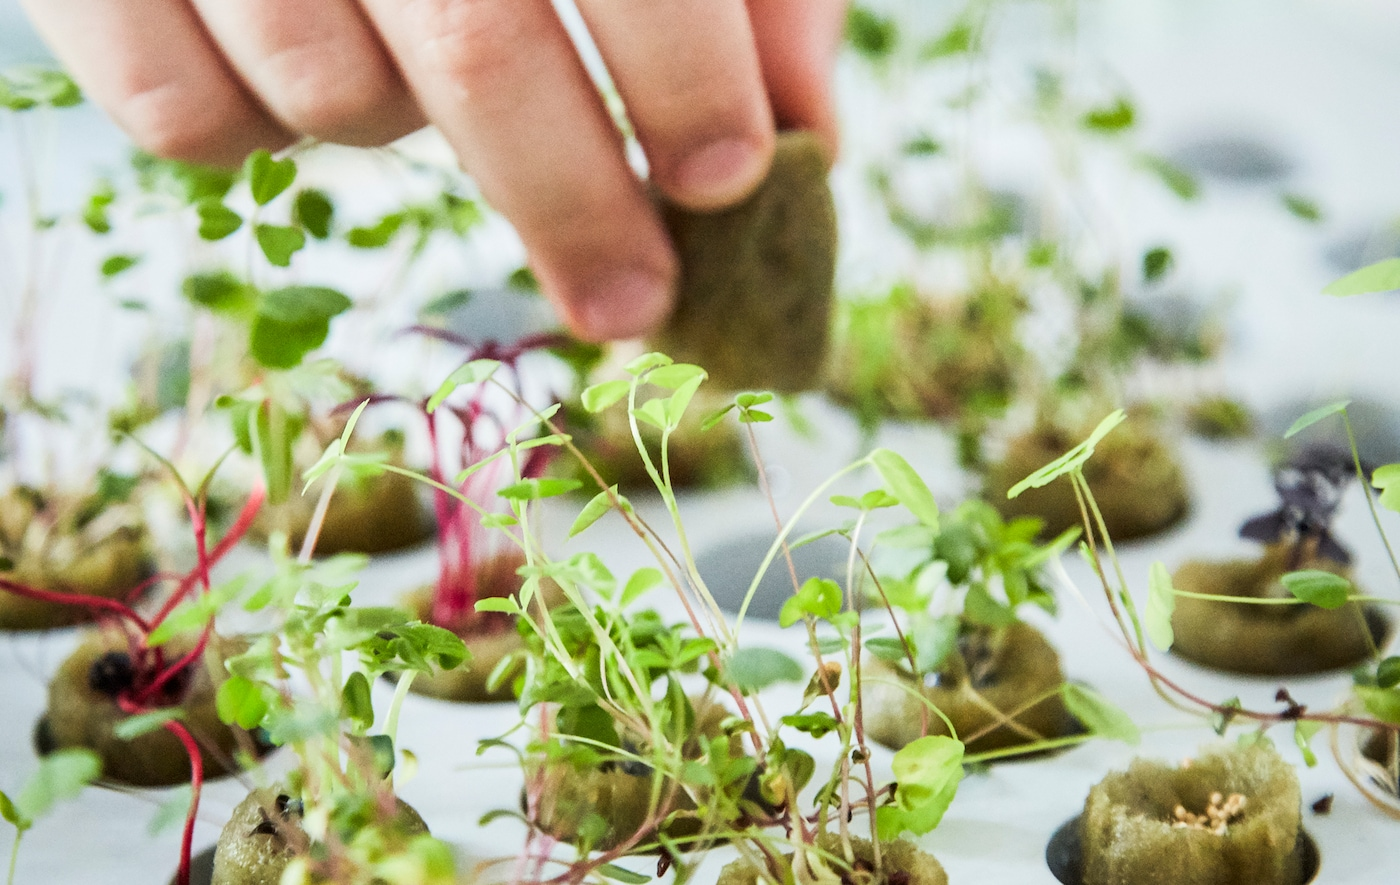 トレイに苗を植える人物。